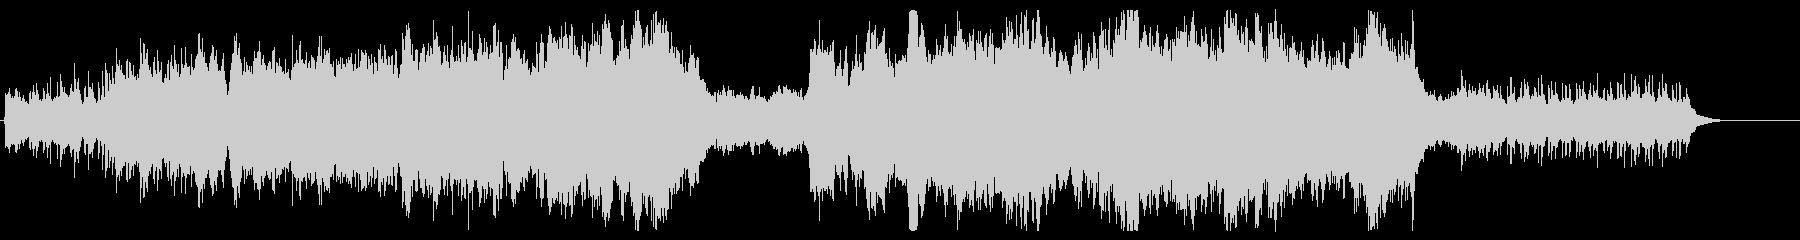 プロローグ オーケストラの未再生の波形